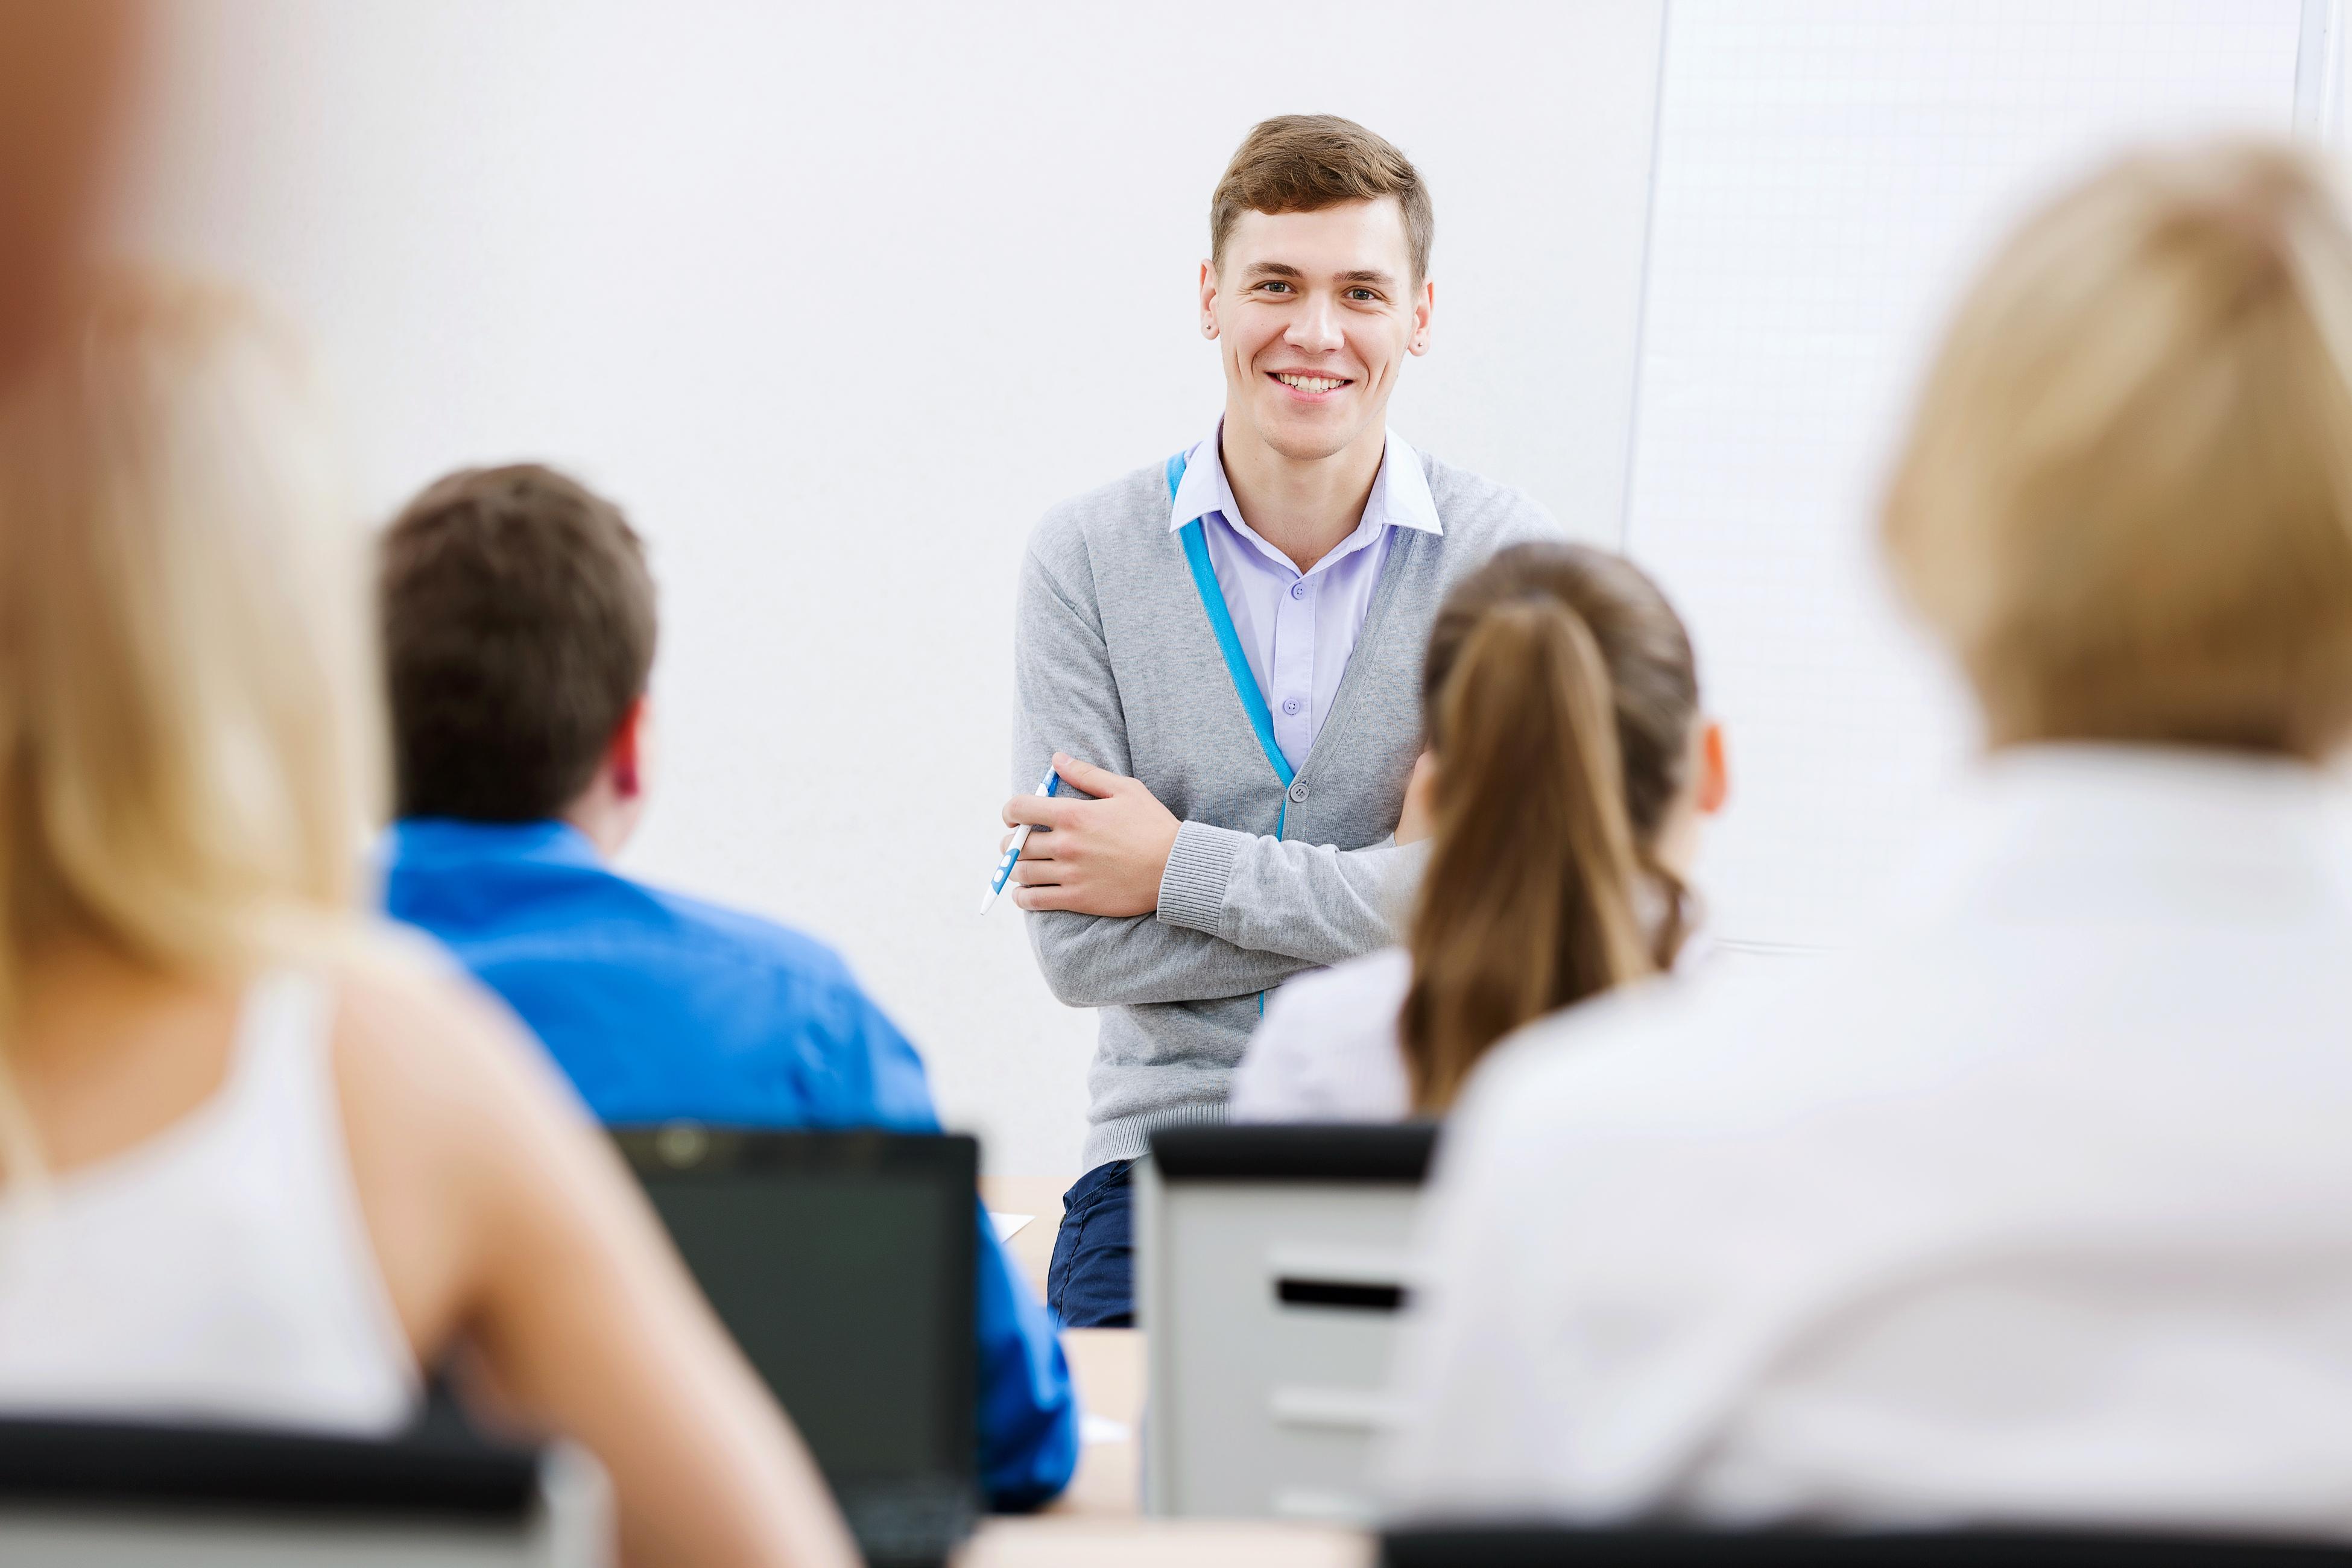 """Jornada Educativa. Hablando de Educación: """"Una pasión compartida"""": 18 de Mayo de 2018"""